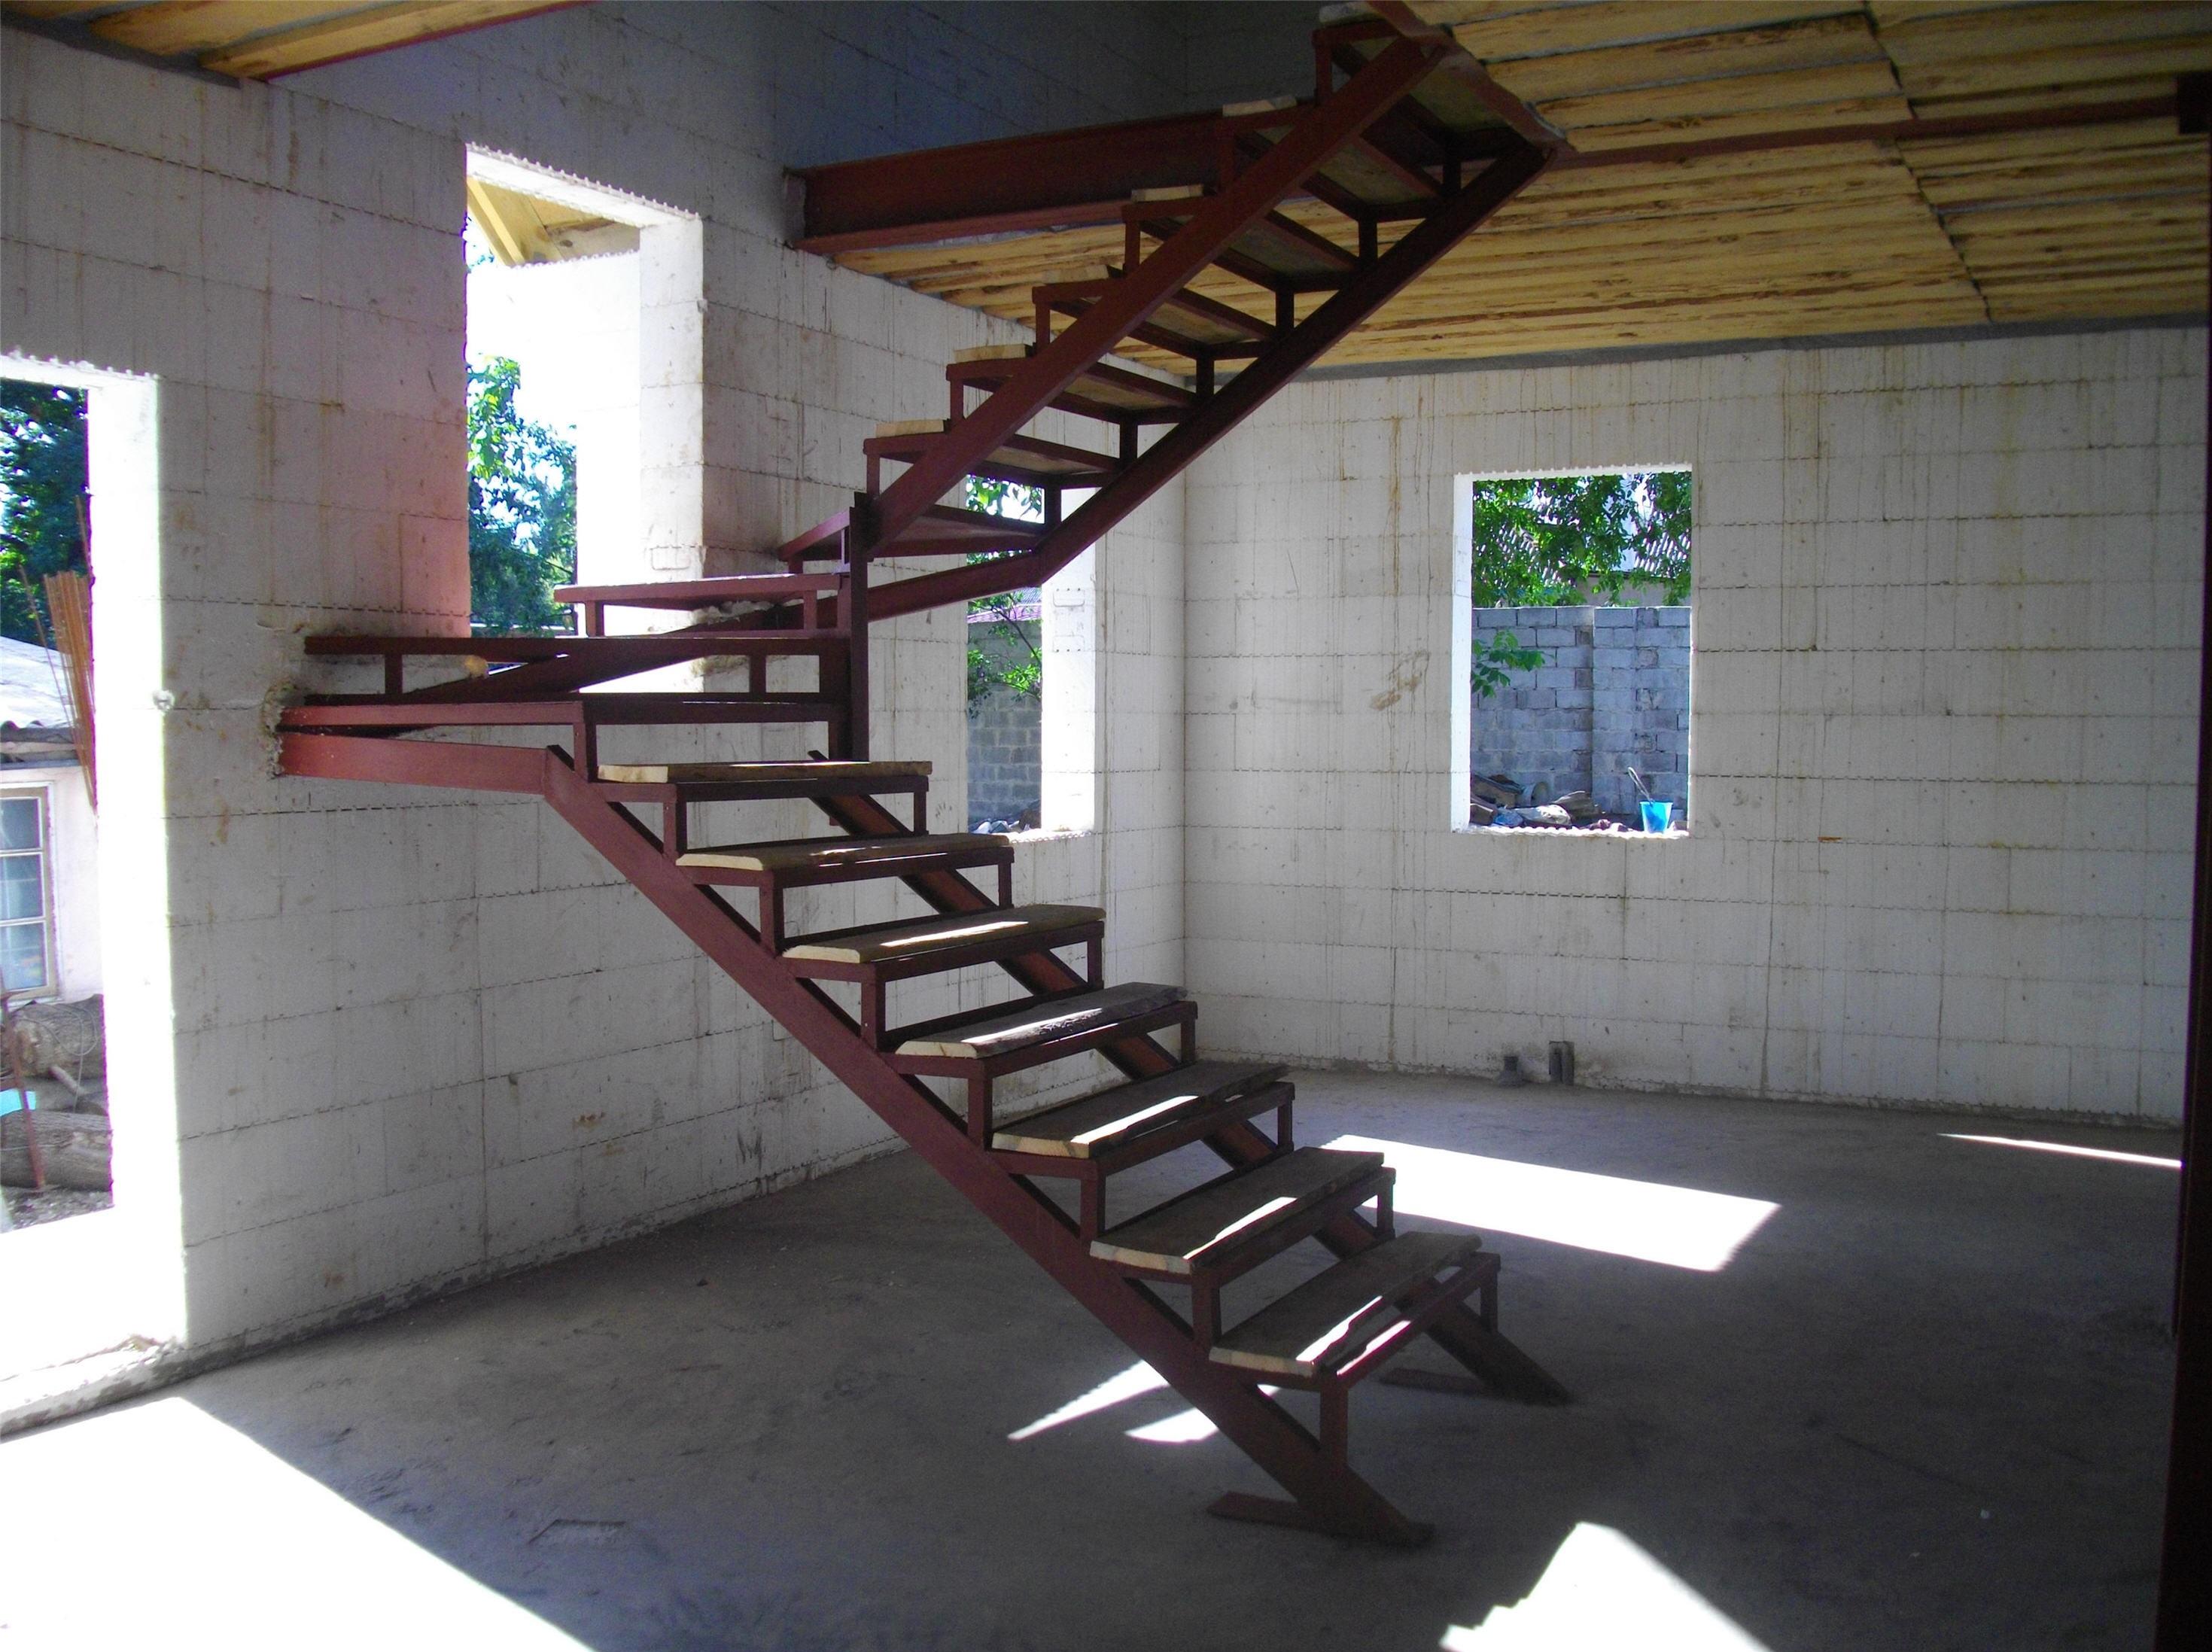 Железная лестница в доме - это прочная и надежная конструкция, способная служить владельцам не одно десятилетие